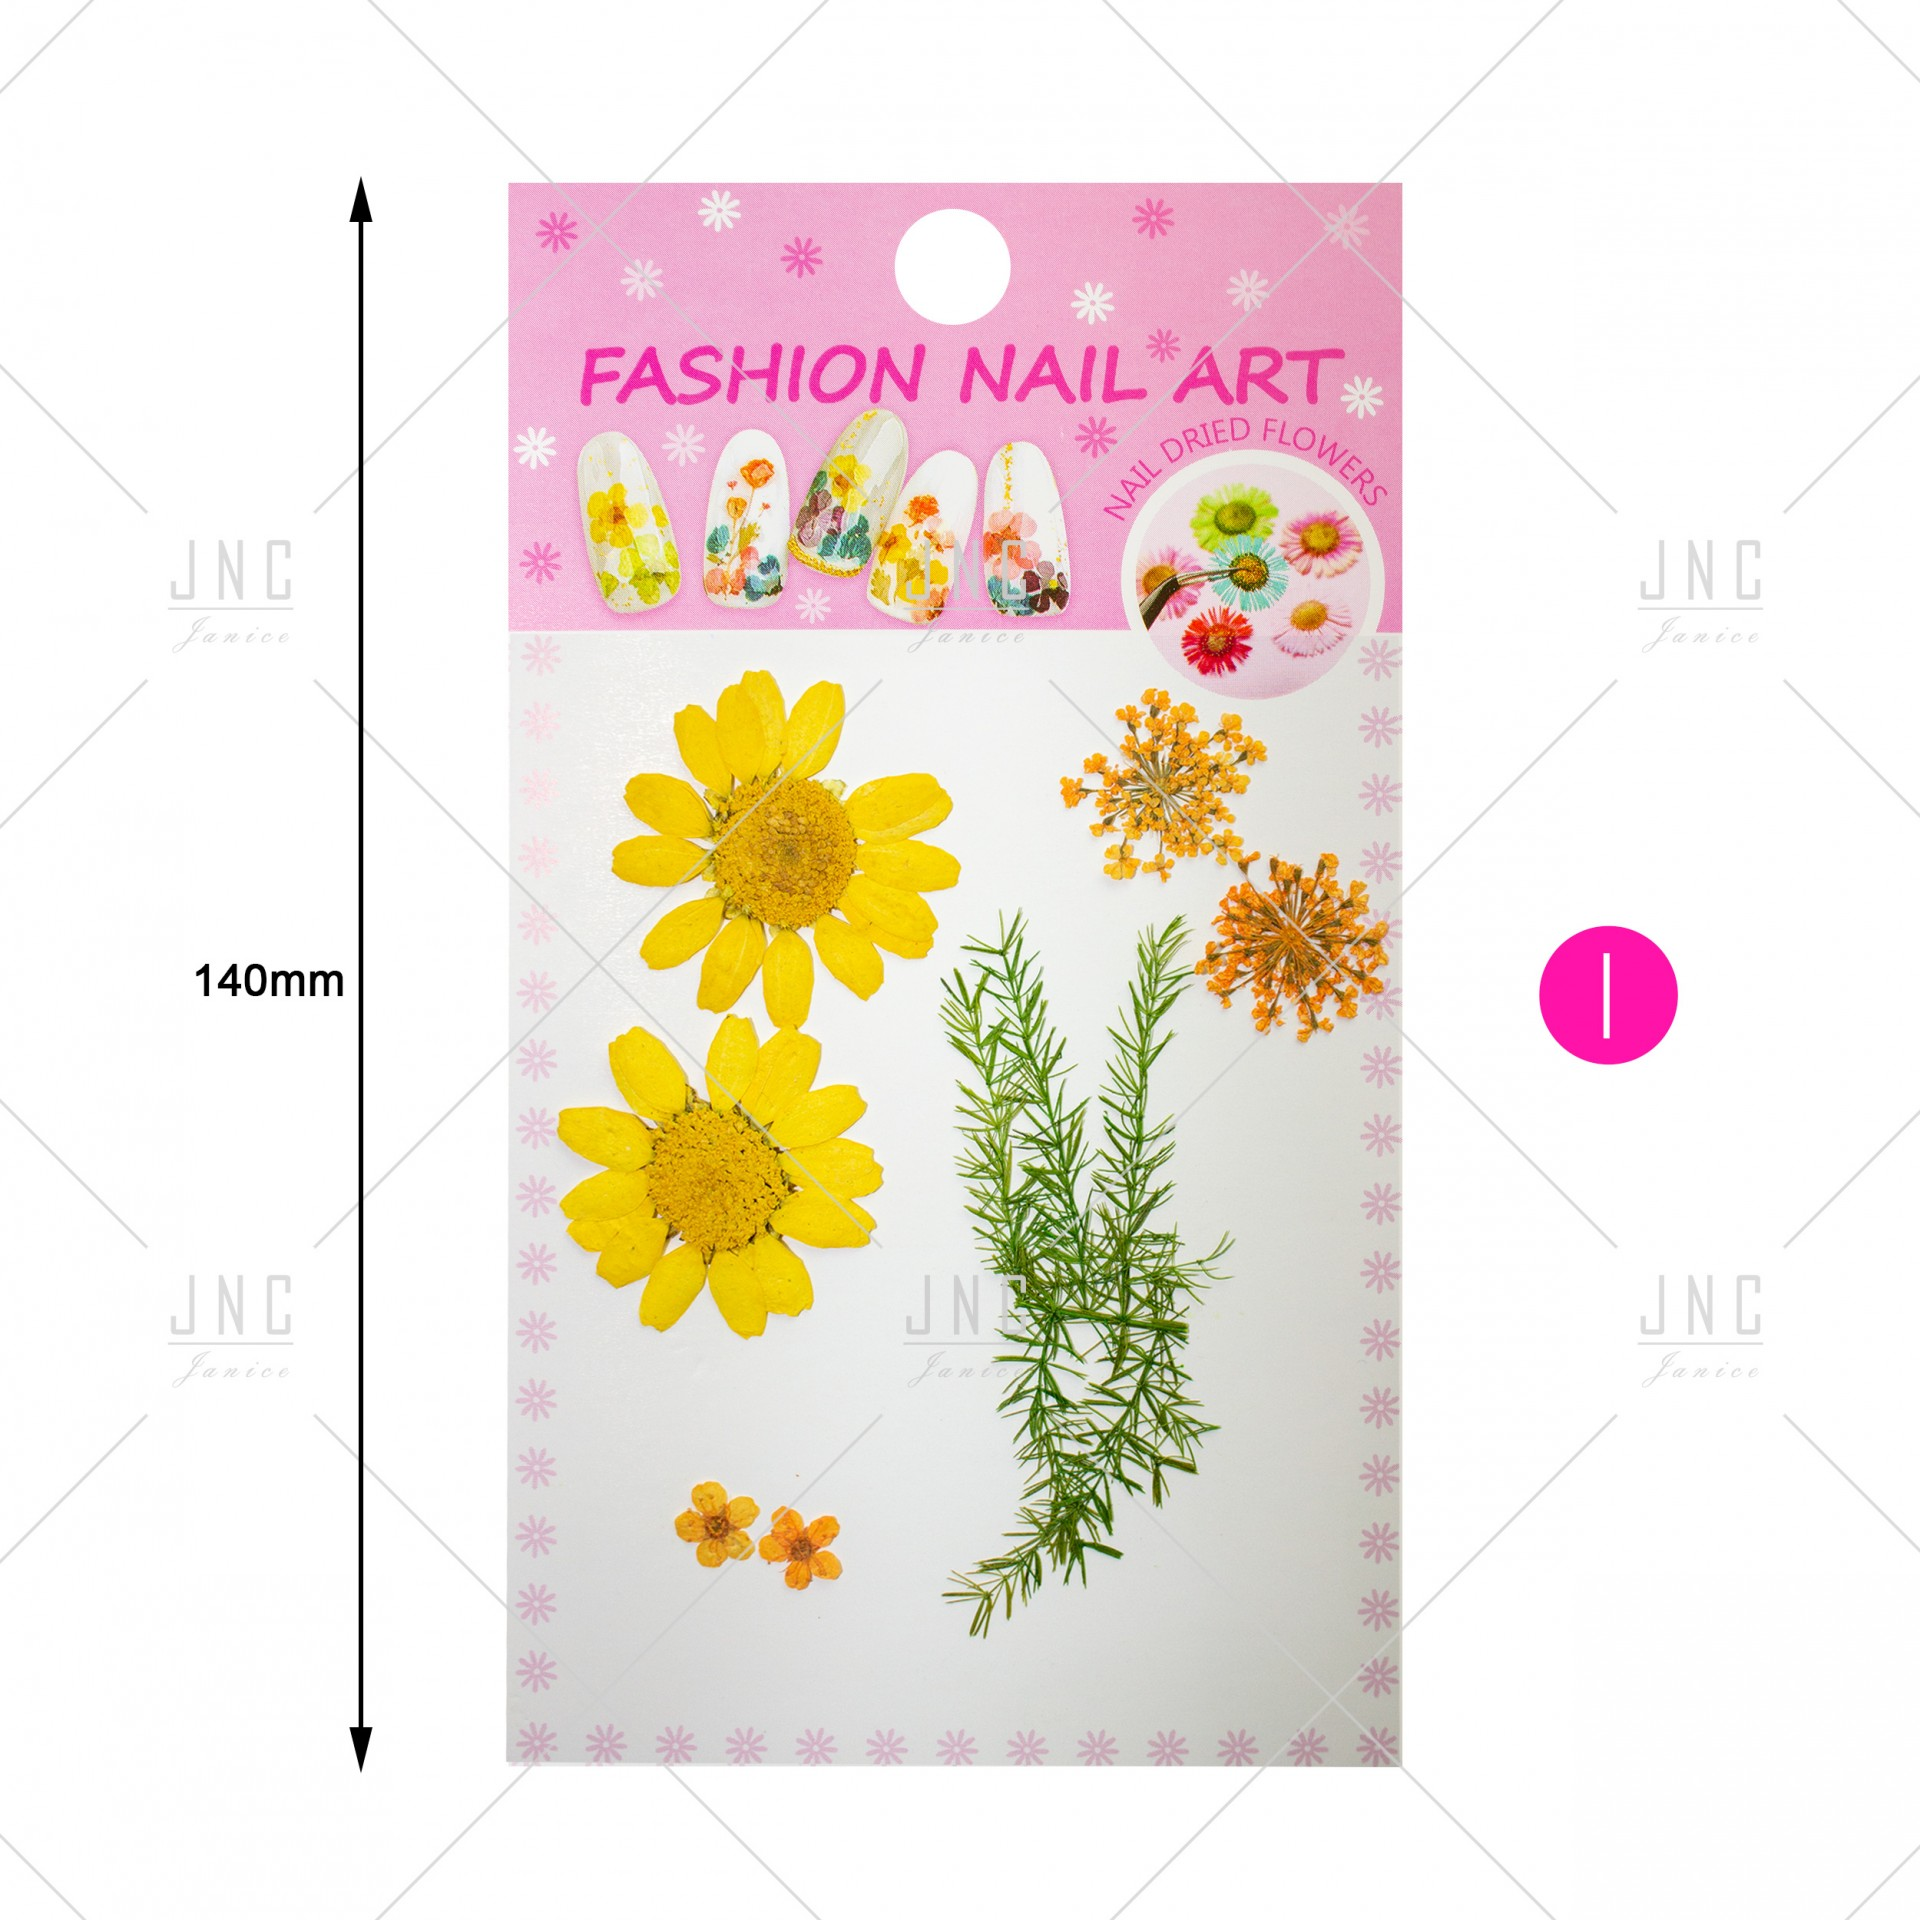 Flores Secas para Nail Art   Ref.861920